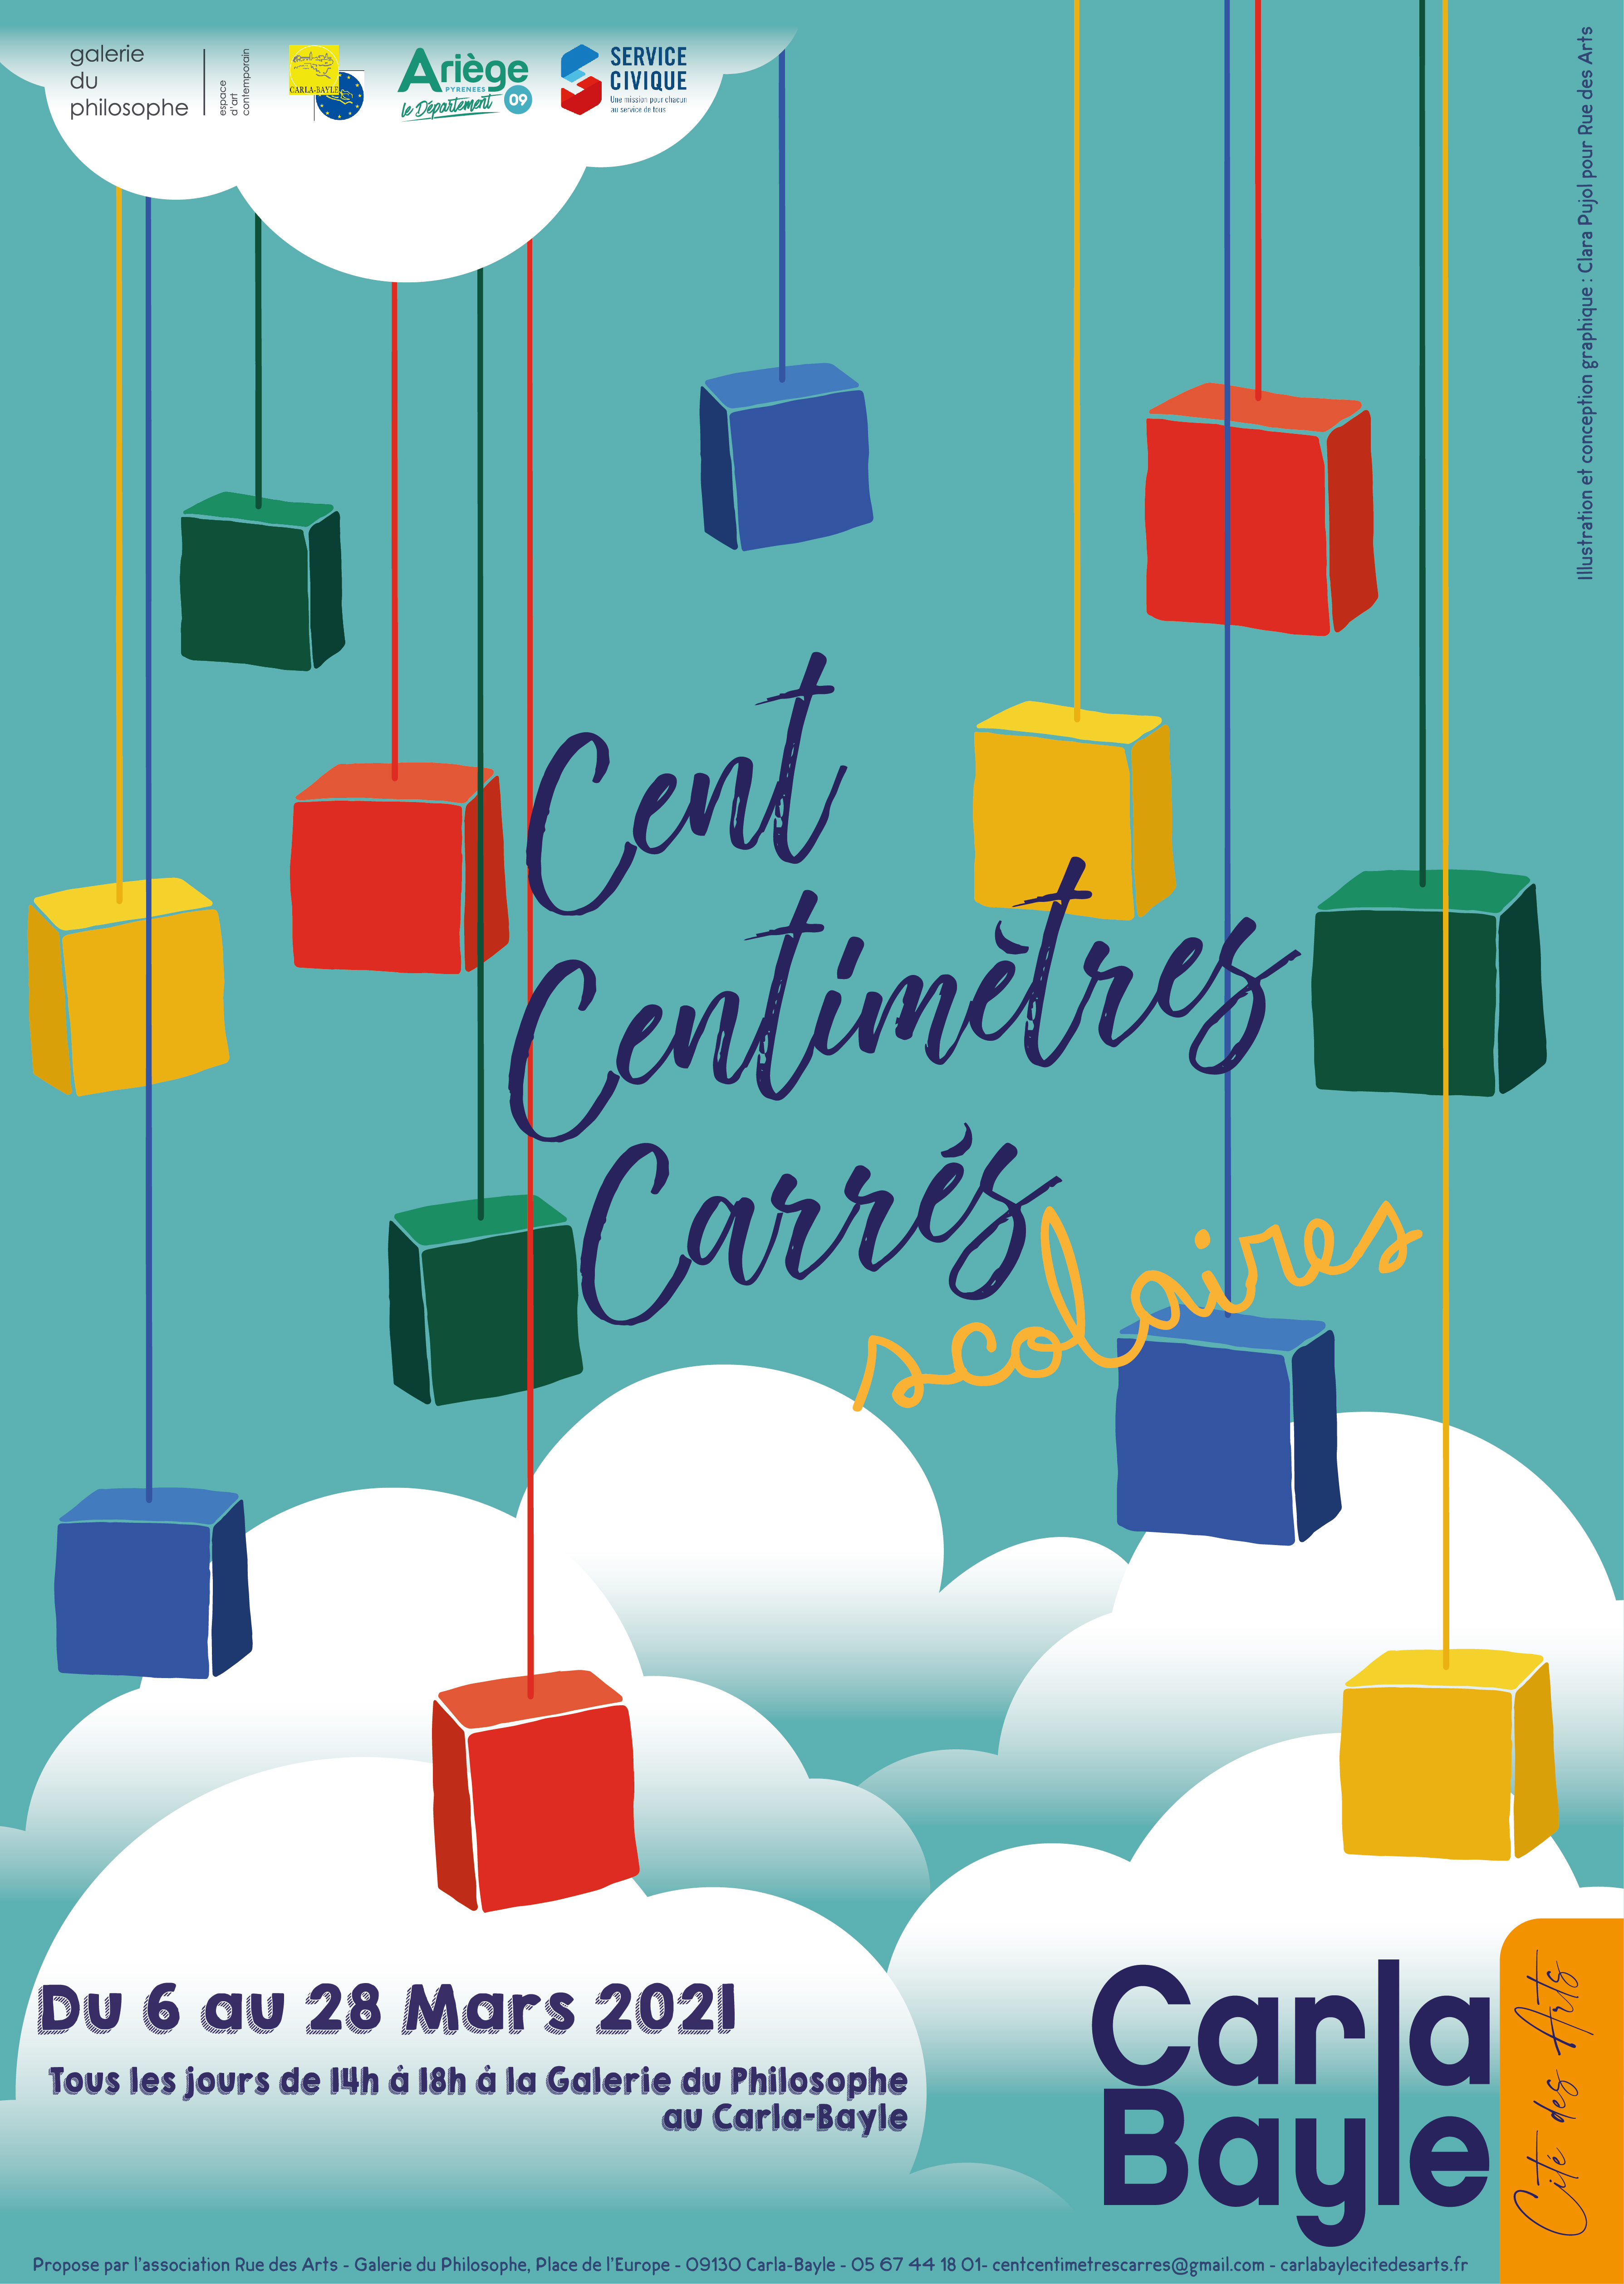 CCC Carla-Bayle